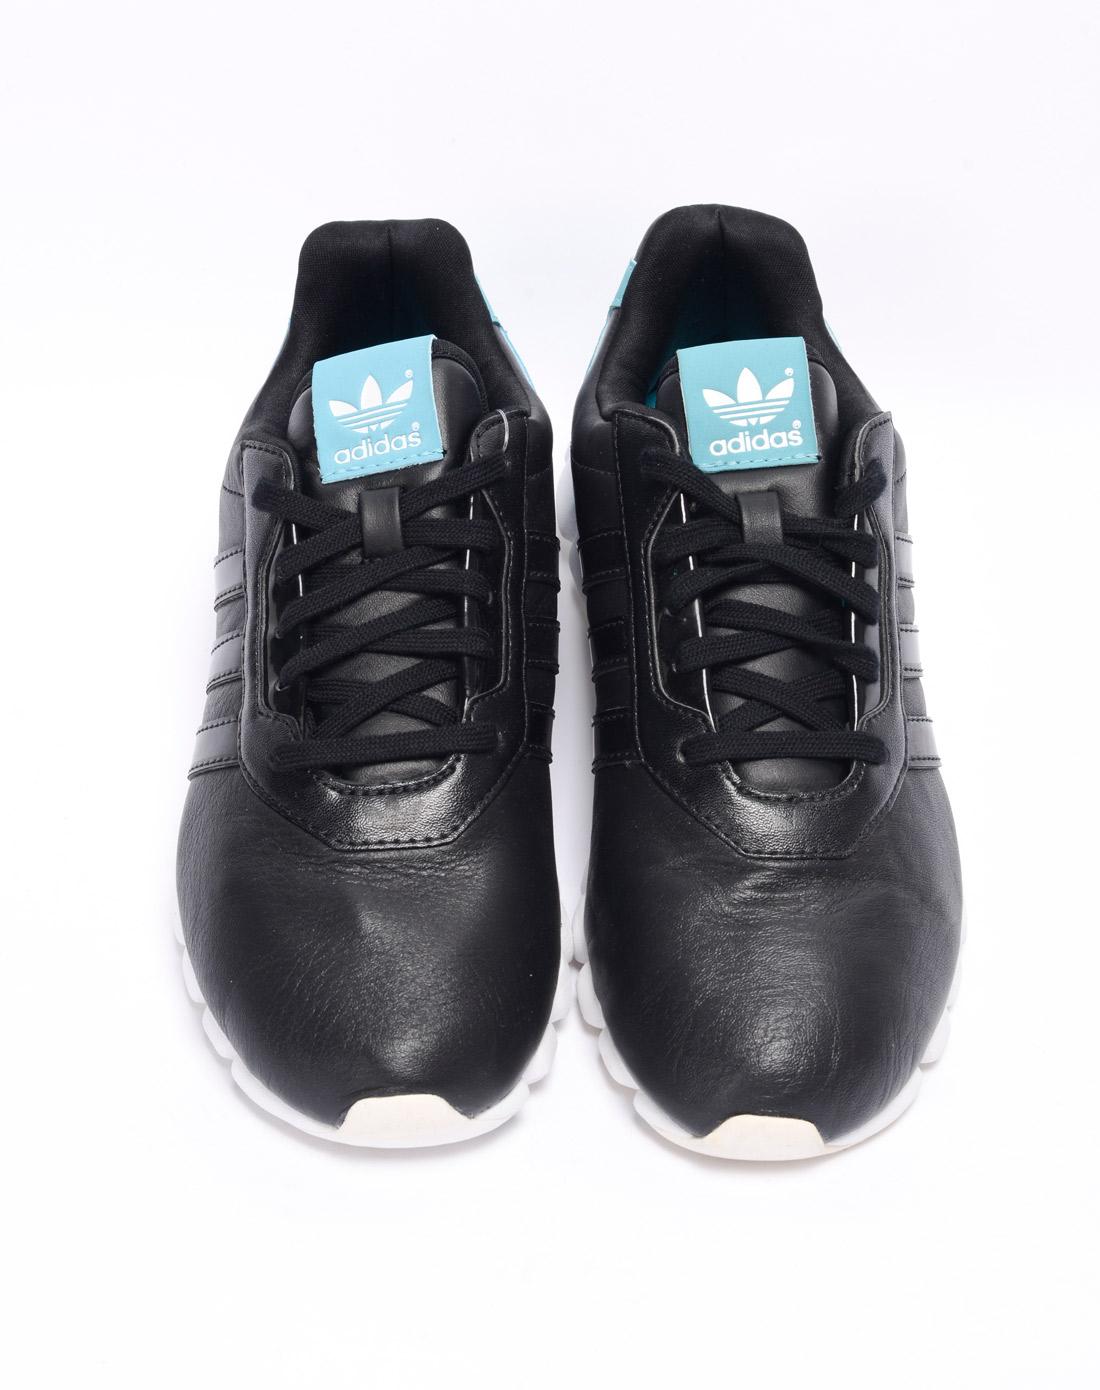 阿迪达斯复古鞋 阿迪达斯复古休闲鞋